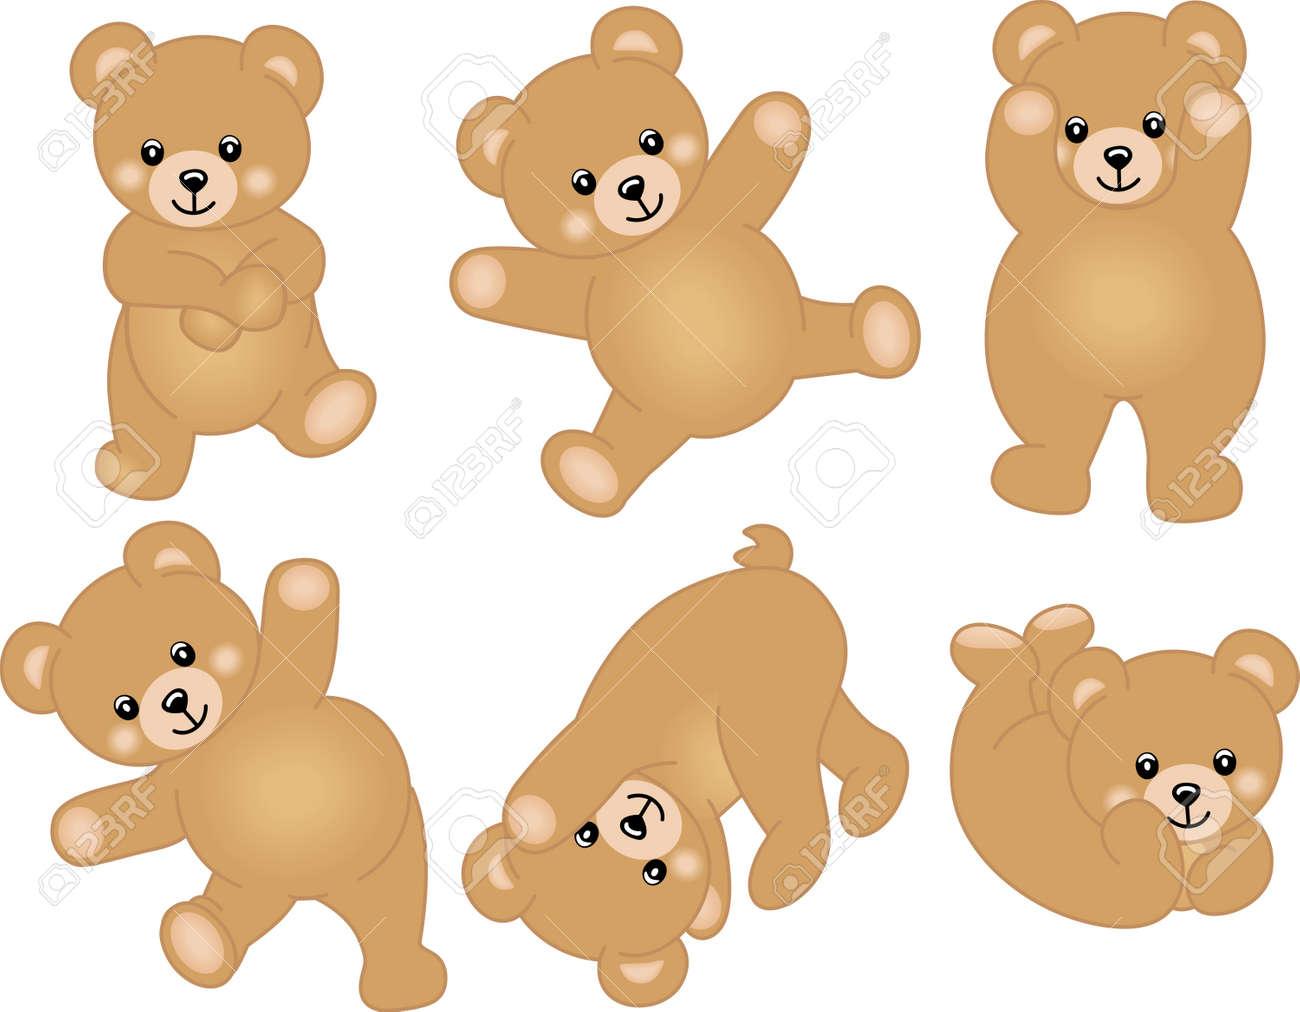 Cute Baby Teddy Bear Stock Vector - 16557226